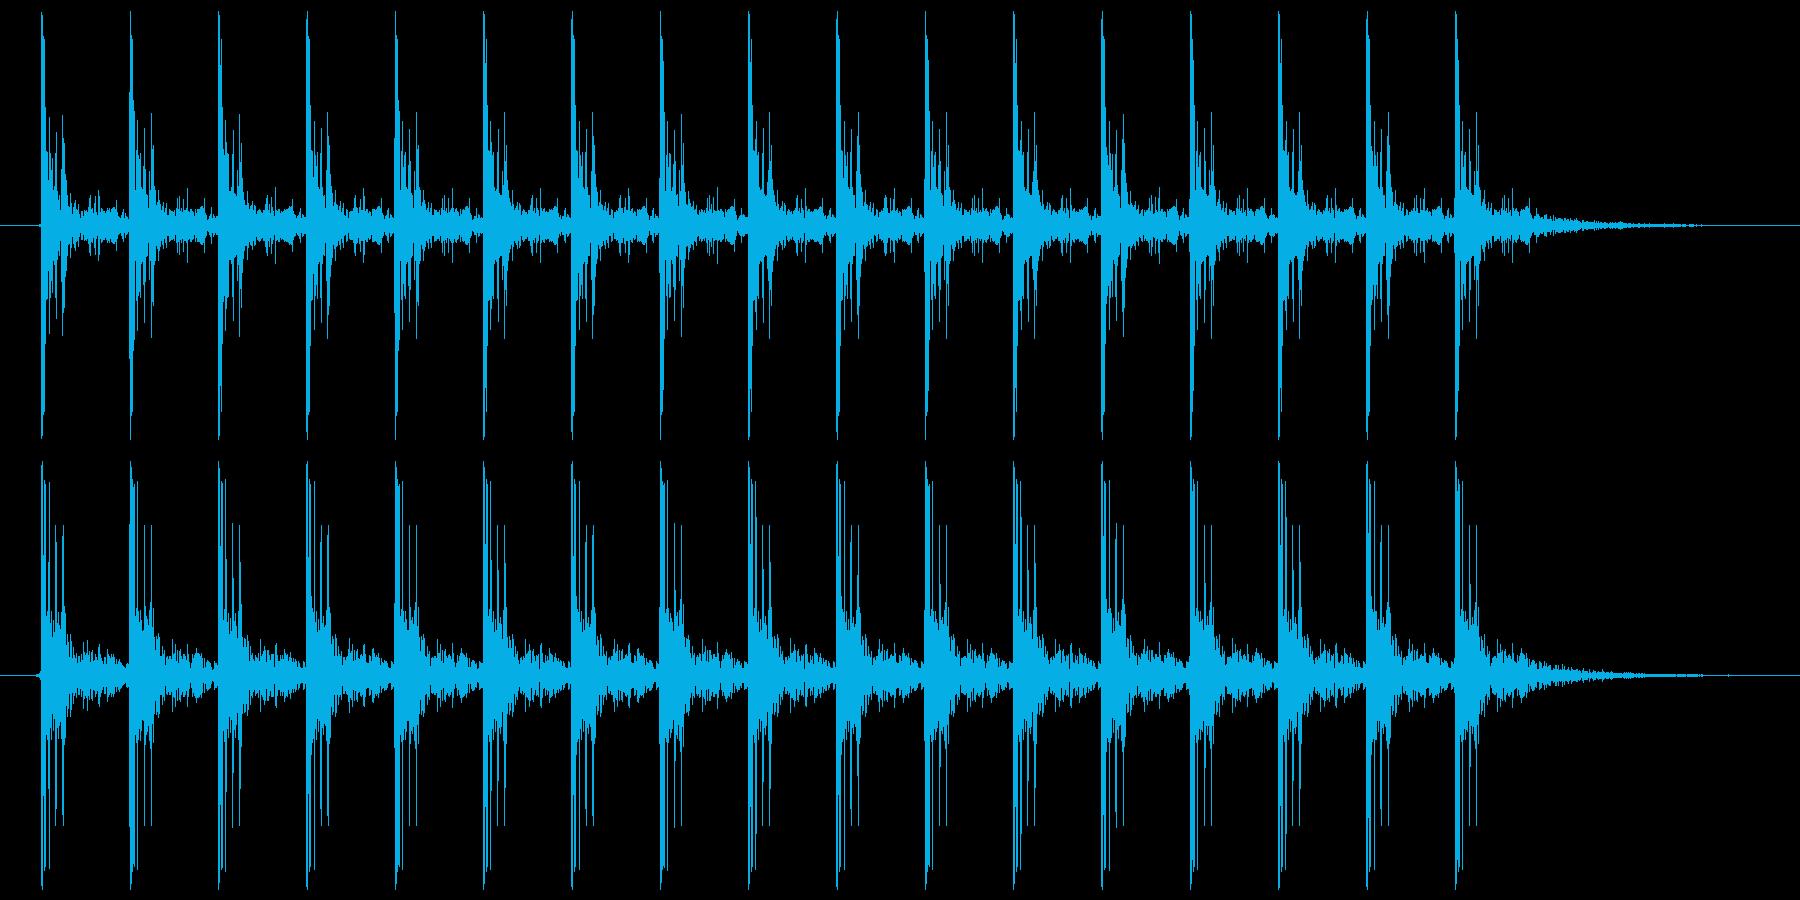 電気が走る ビビビビ…(スタンガンなど)の再生済みの波形